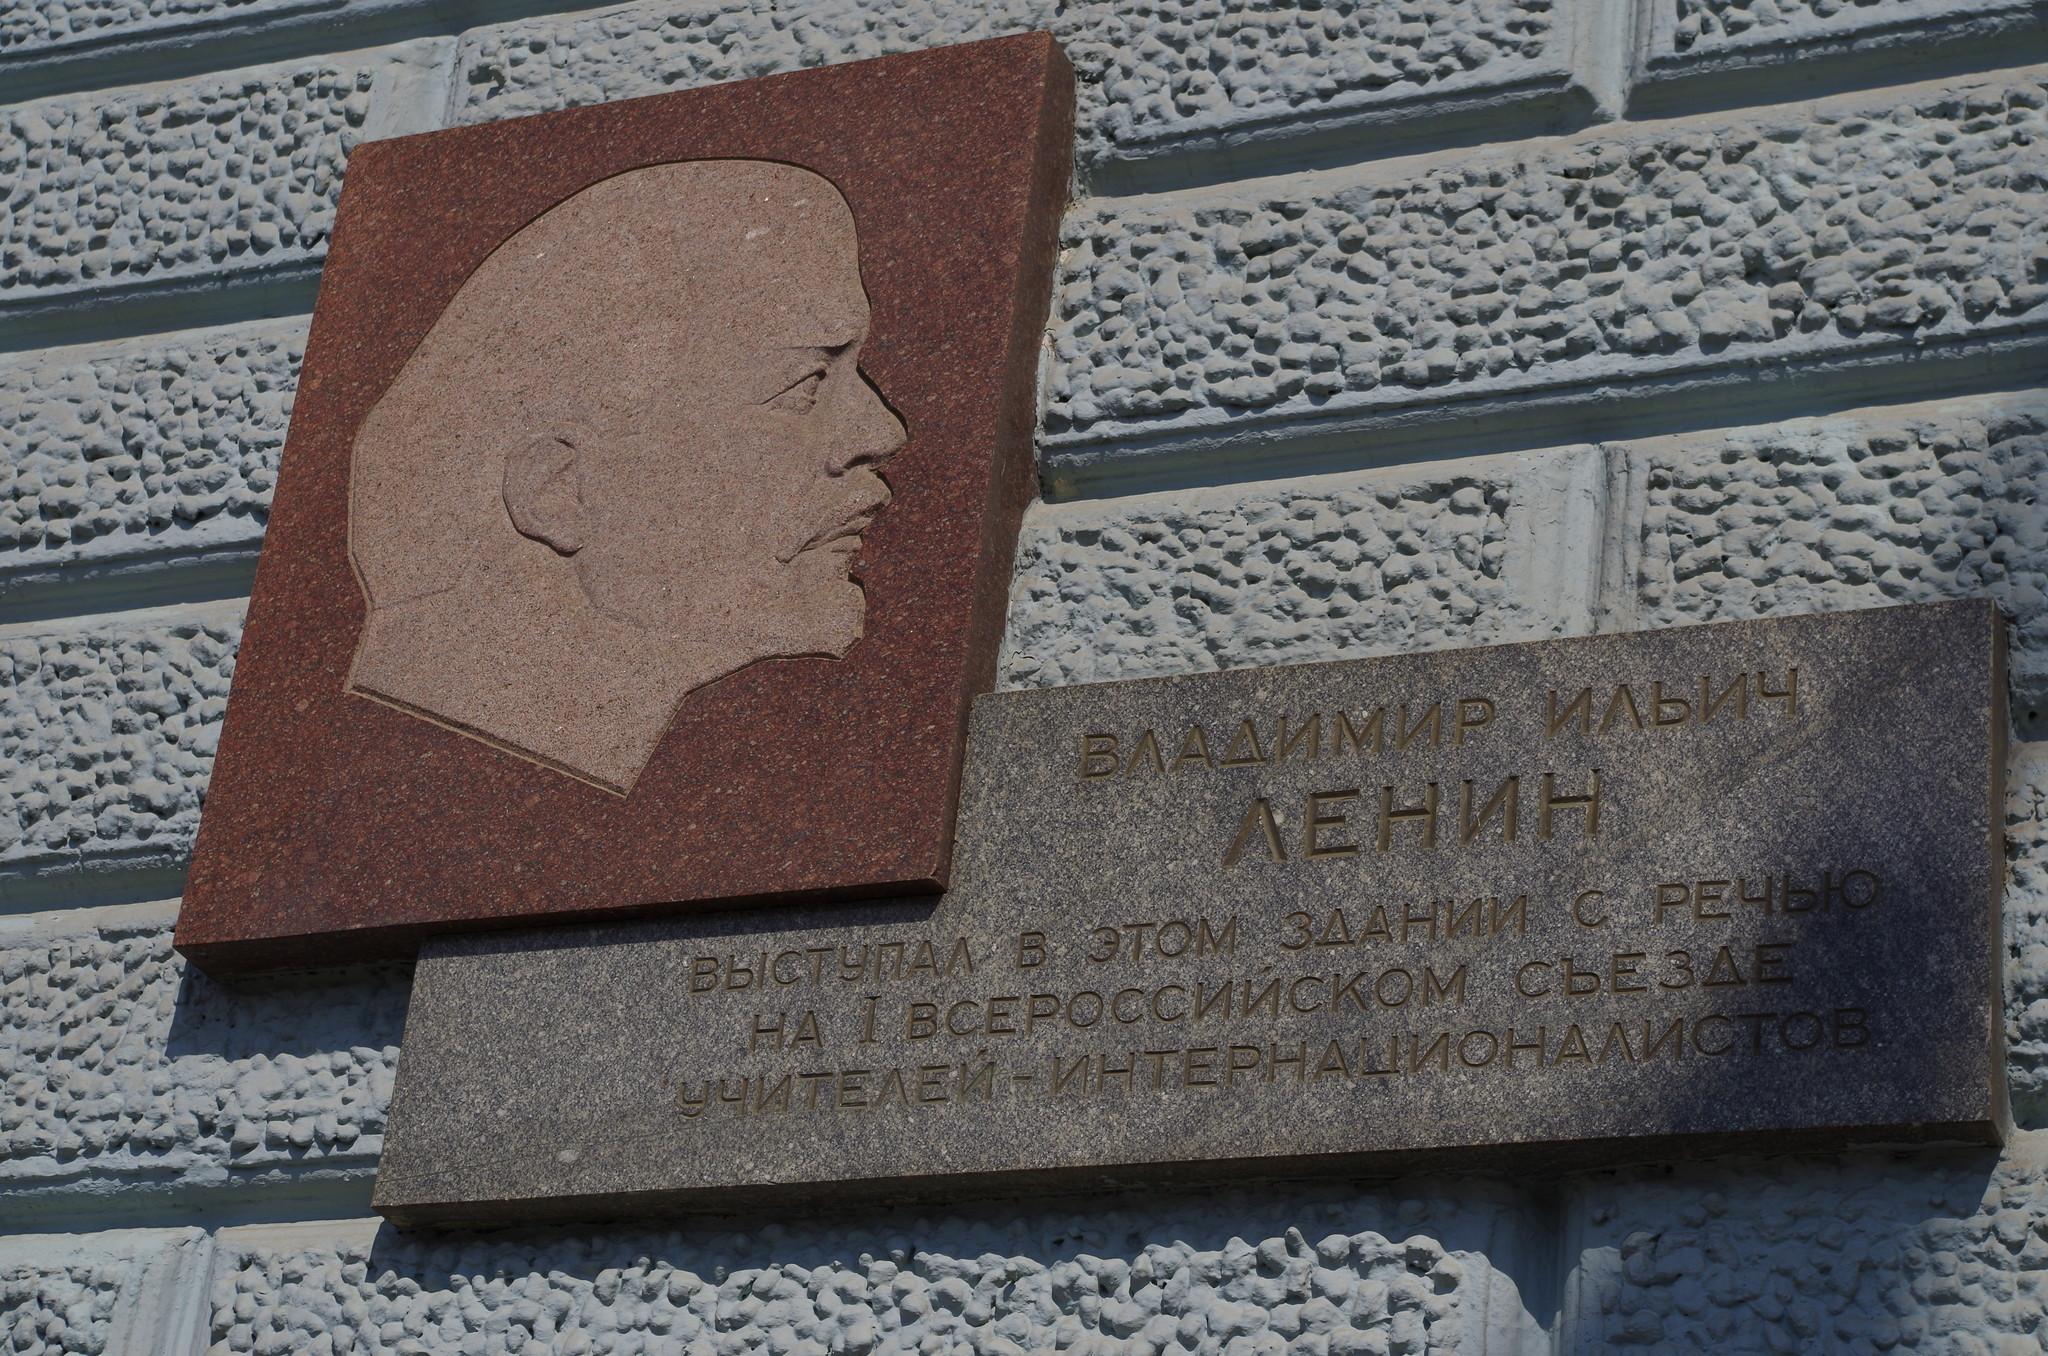 Памятная доска на фасаде здания Дипломатической академии МИД Российской Федерации в Москве (улица Остоженка, дом 53/2, строение 1)